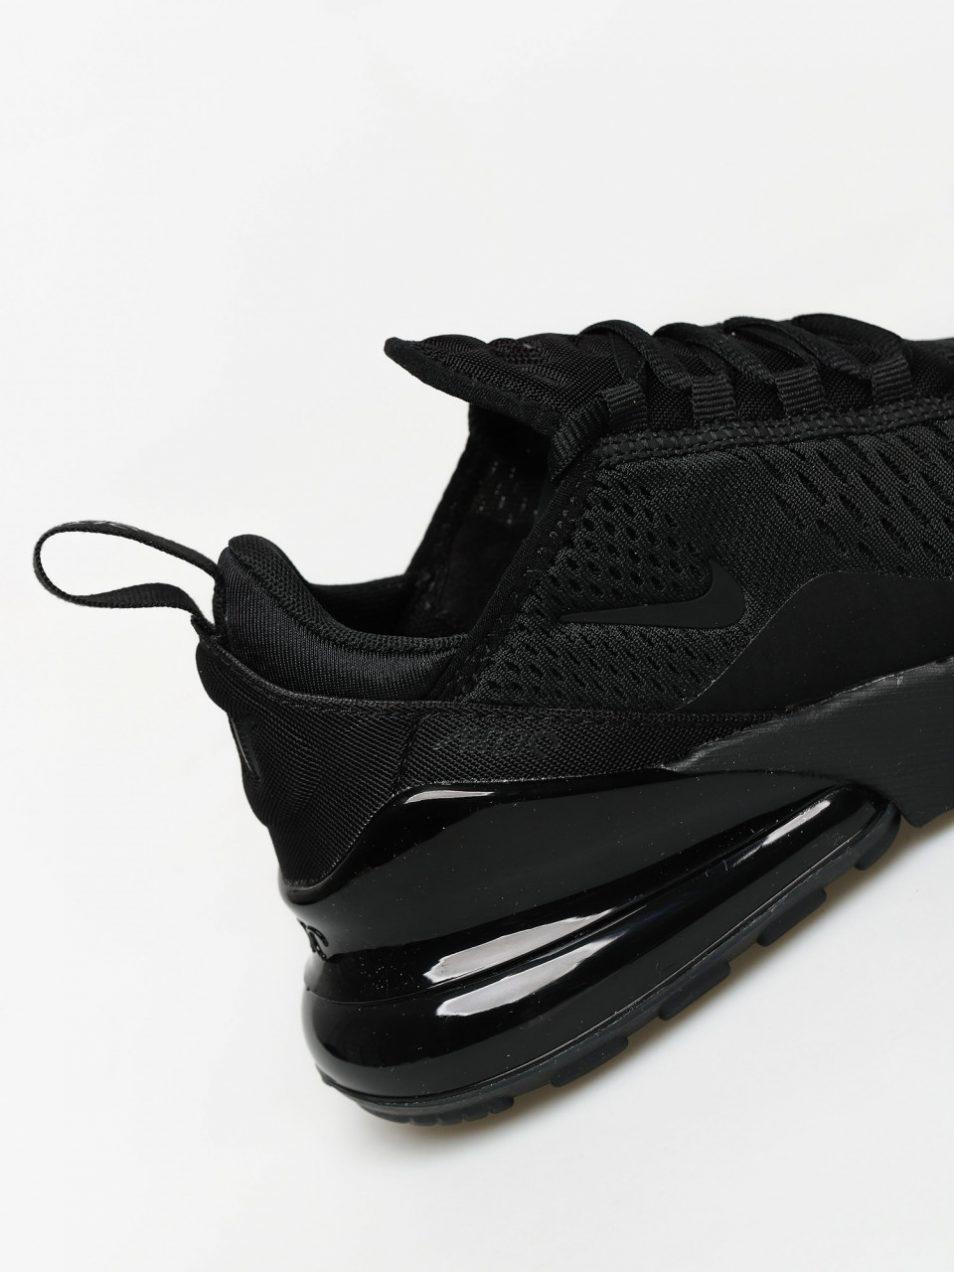 Nike Women's AIR MAX 270 Sneakers Black